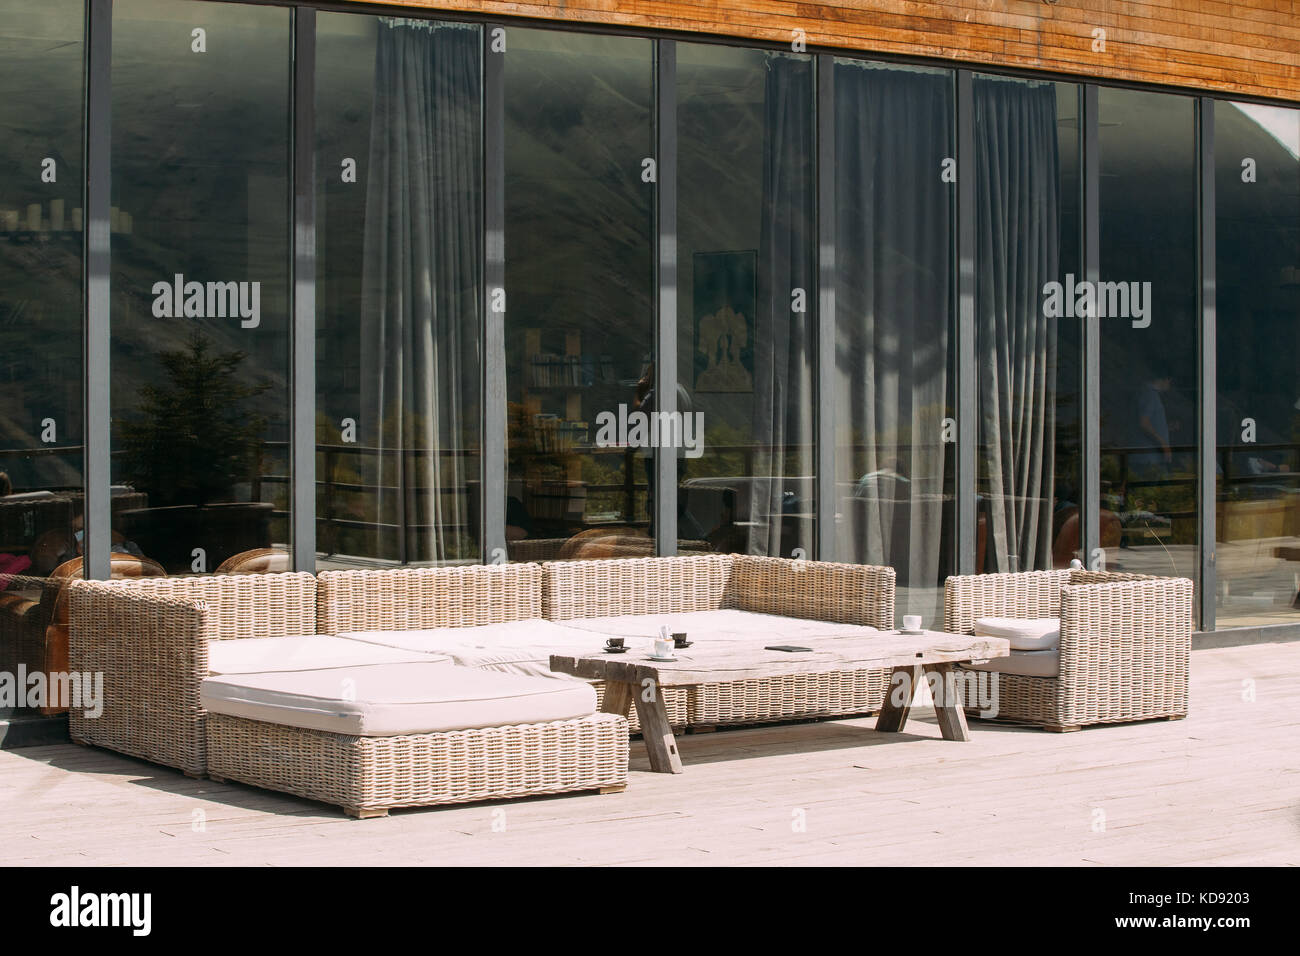 Muebles De Mimbre En La Terraza En Un Día Soleado De Verano